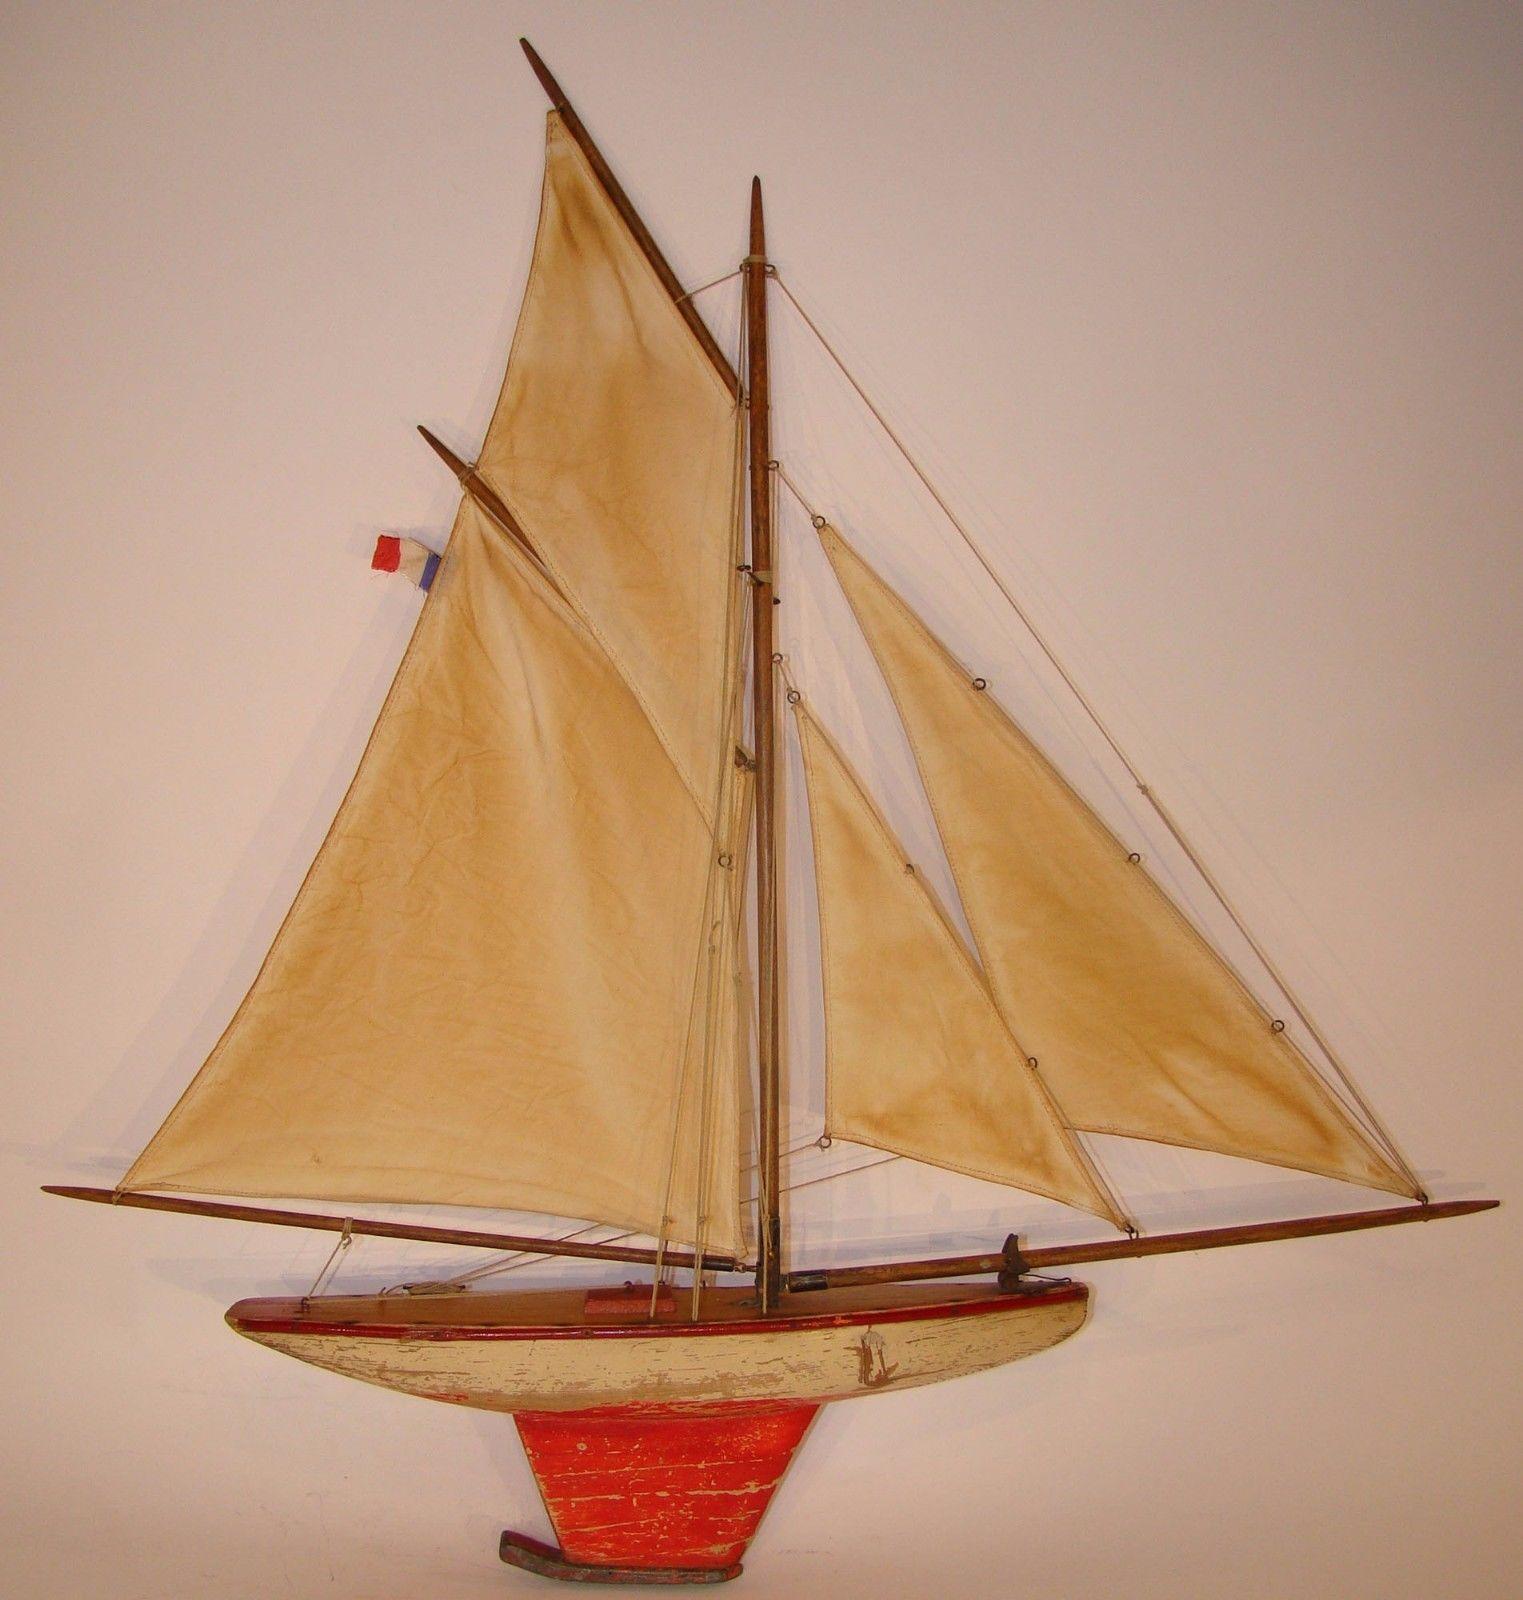 canot de bassin bateau voilier deffain 4 voiles coque peinte 2 tons 1920 1930 in jouets et jeux. Black Bedroom Furniture Sets. Home Design Ideas